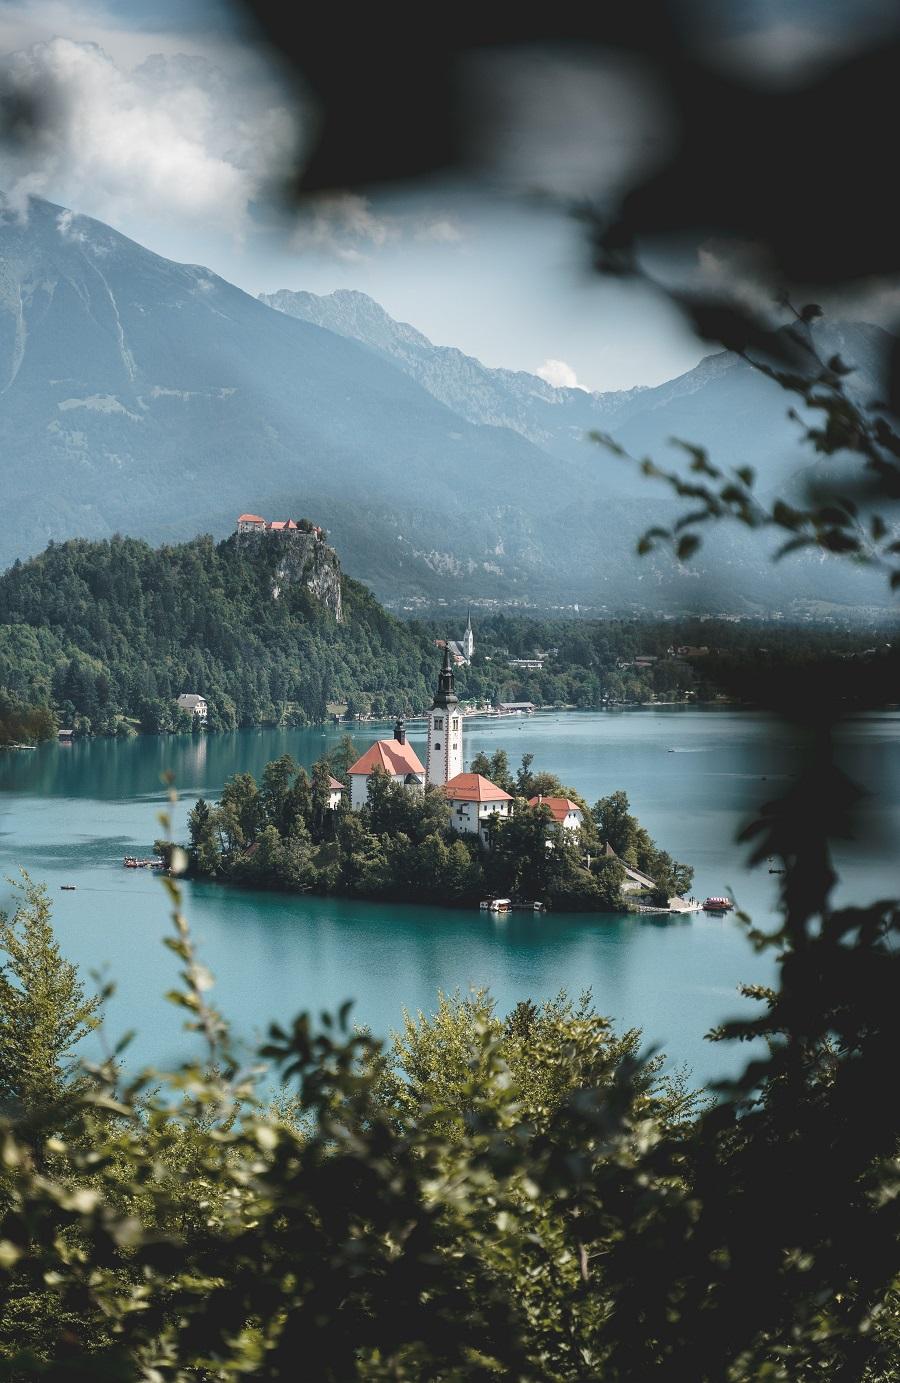 lago di bled slovenia cosa vedere balcani cosa vedere penisola balcanica